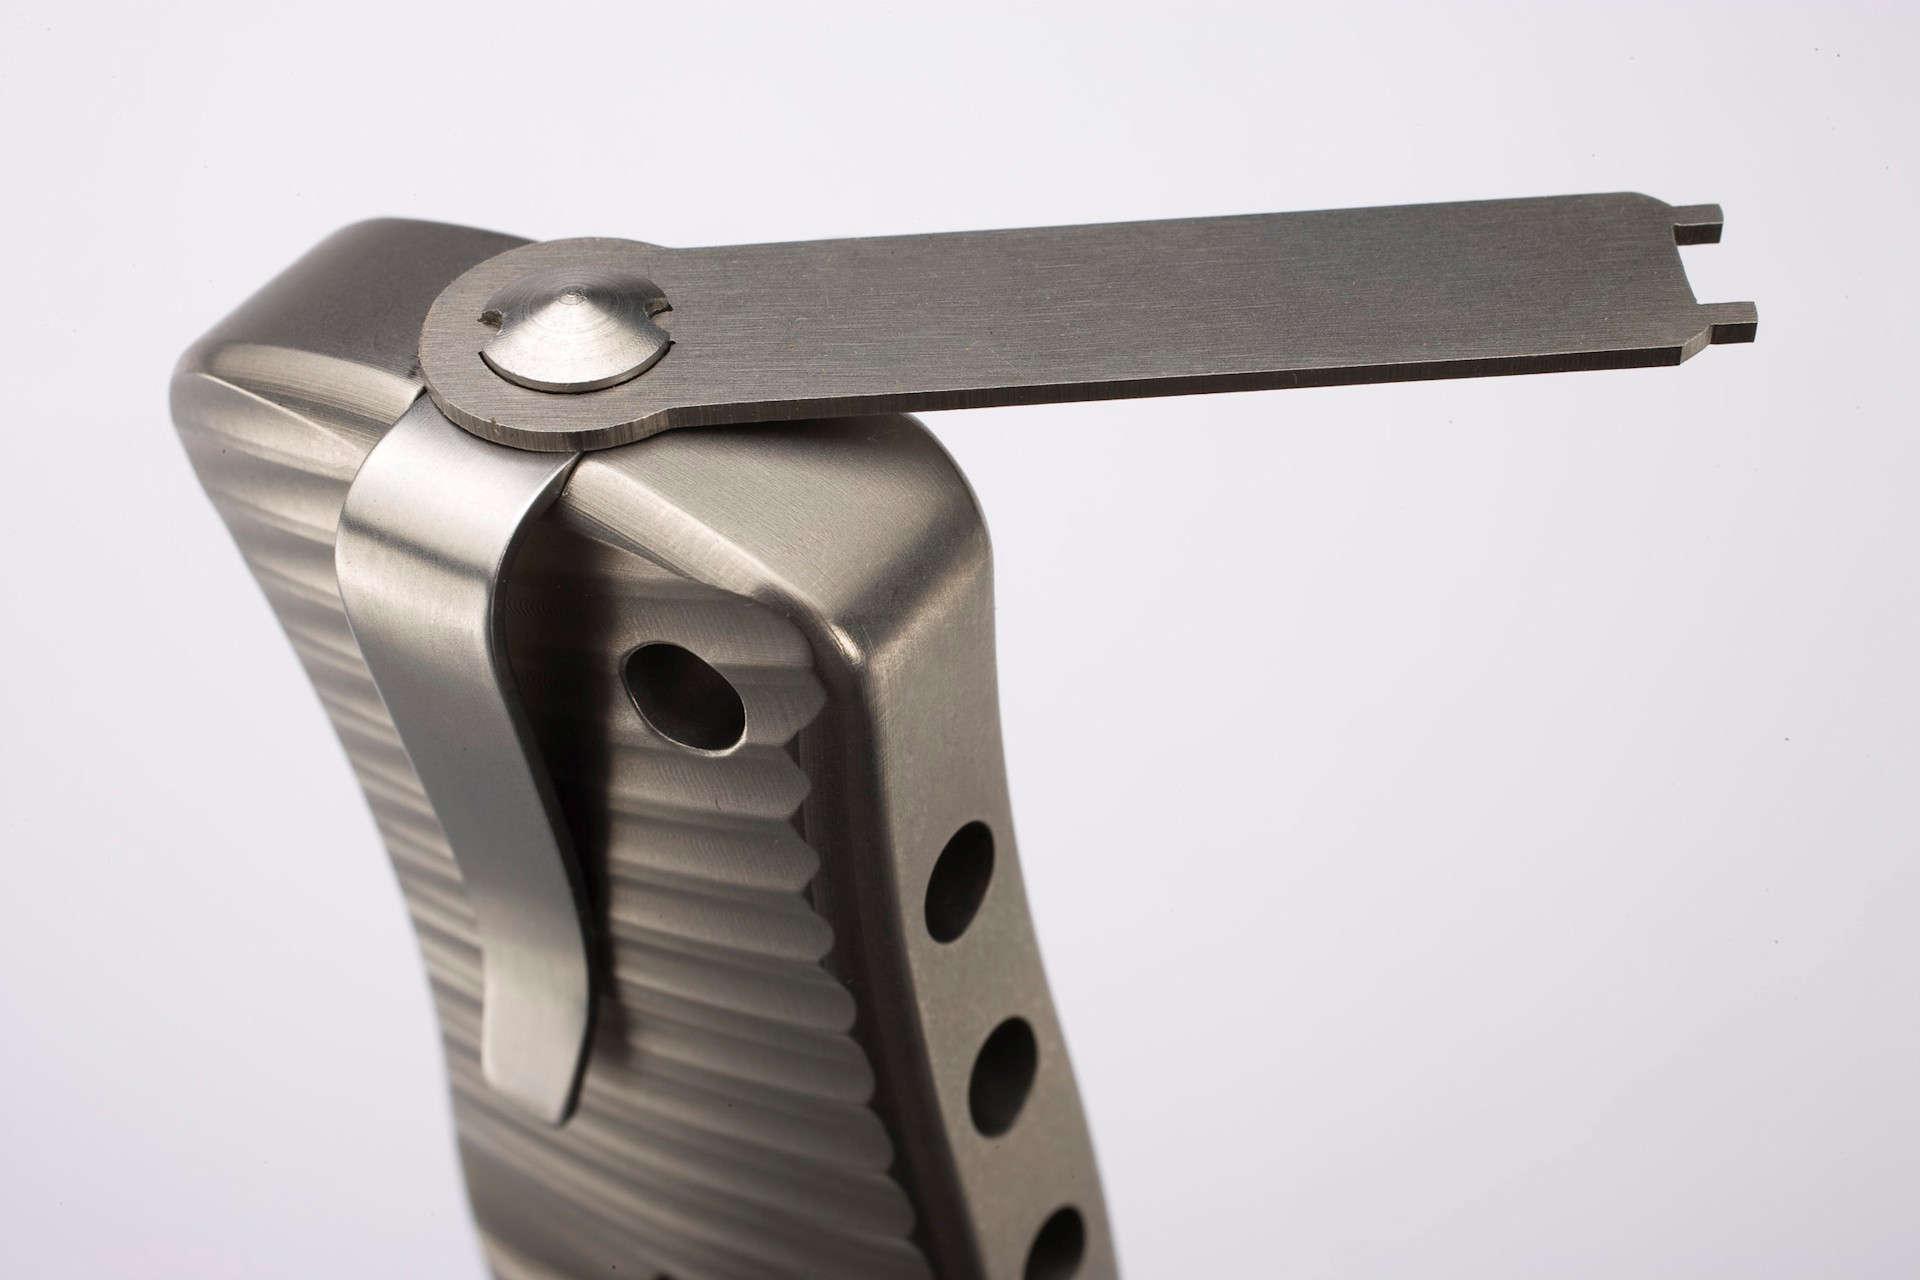 Фото 10 - Нож складной LionSteel SR2 G (GREY) Mini, сталь Uddeholm Sleipner® Satin, рукоять титан по технологии Solid®, серый от Lion Steel